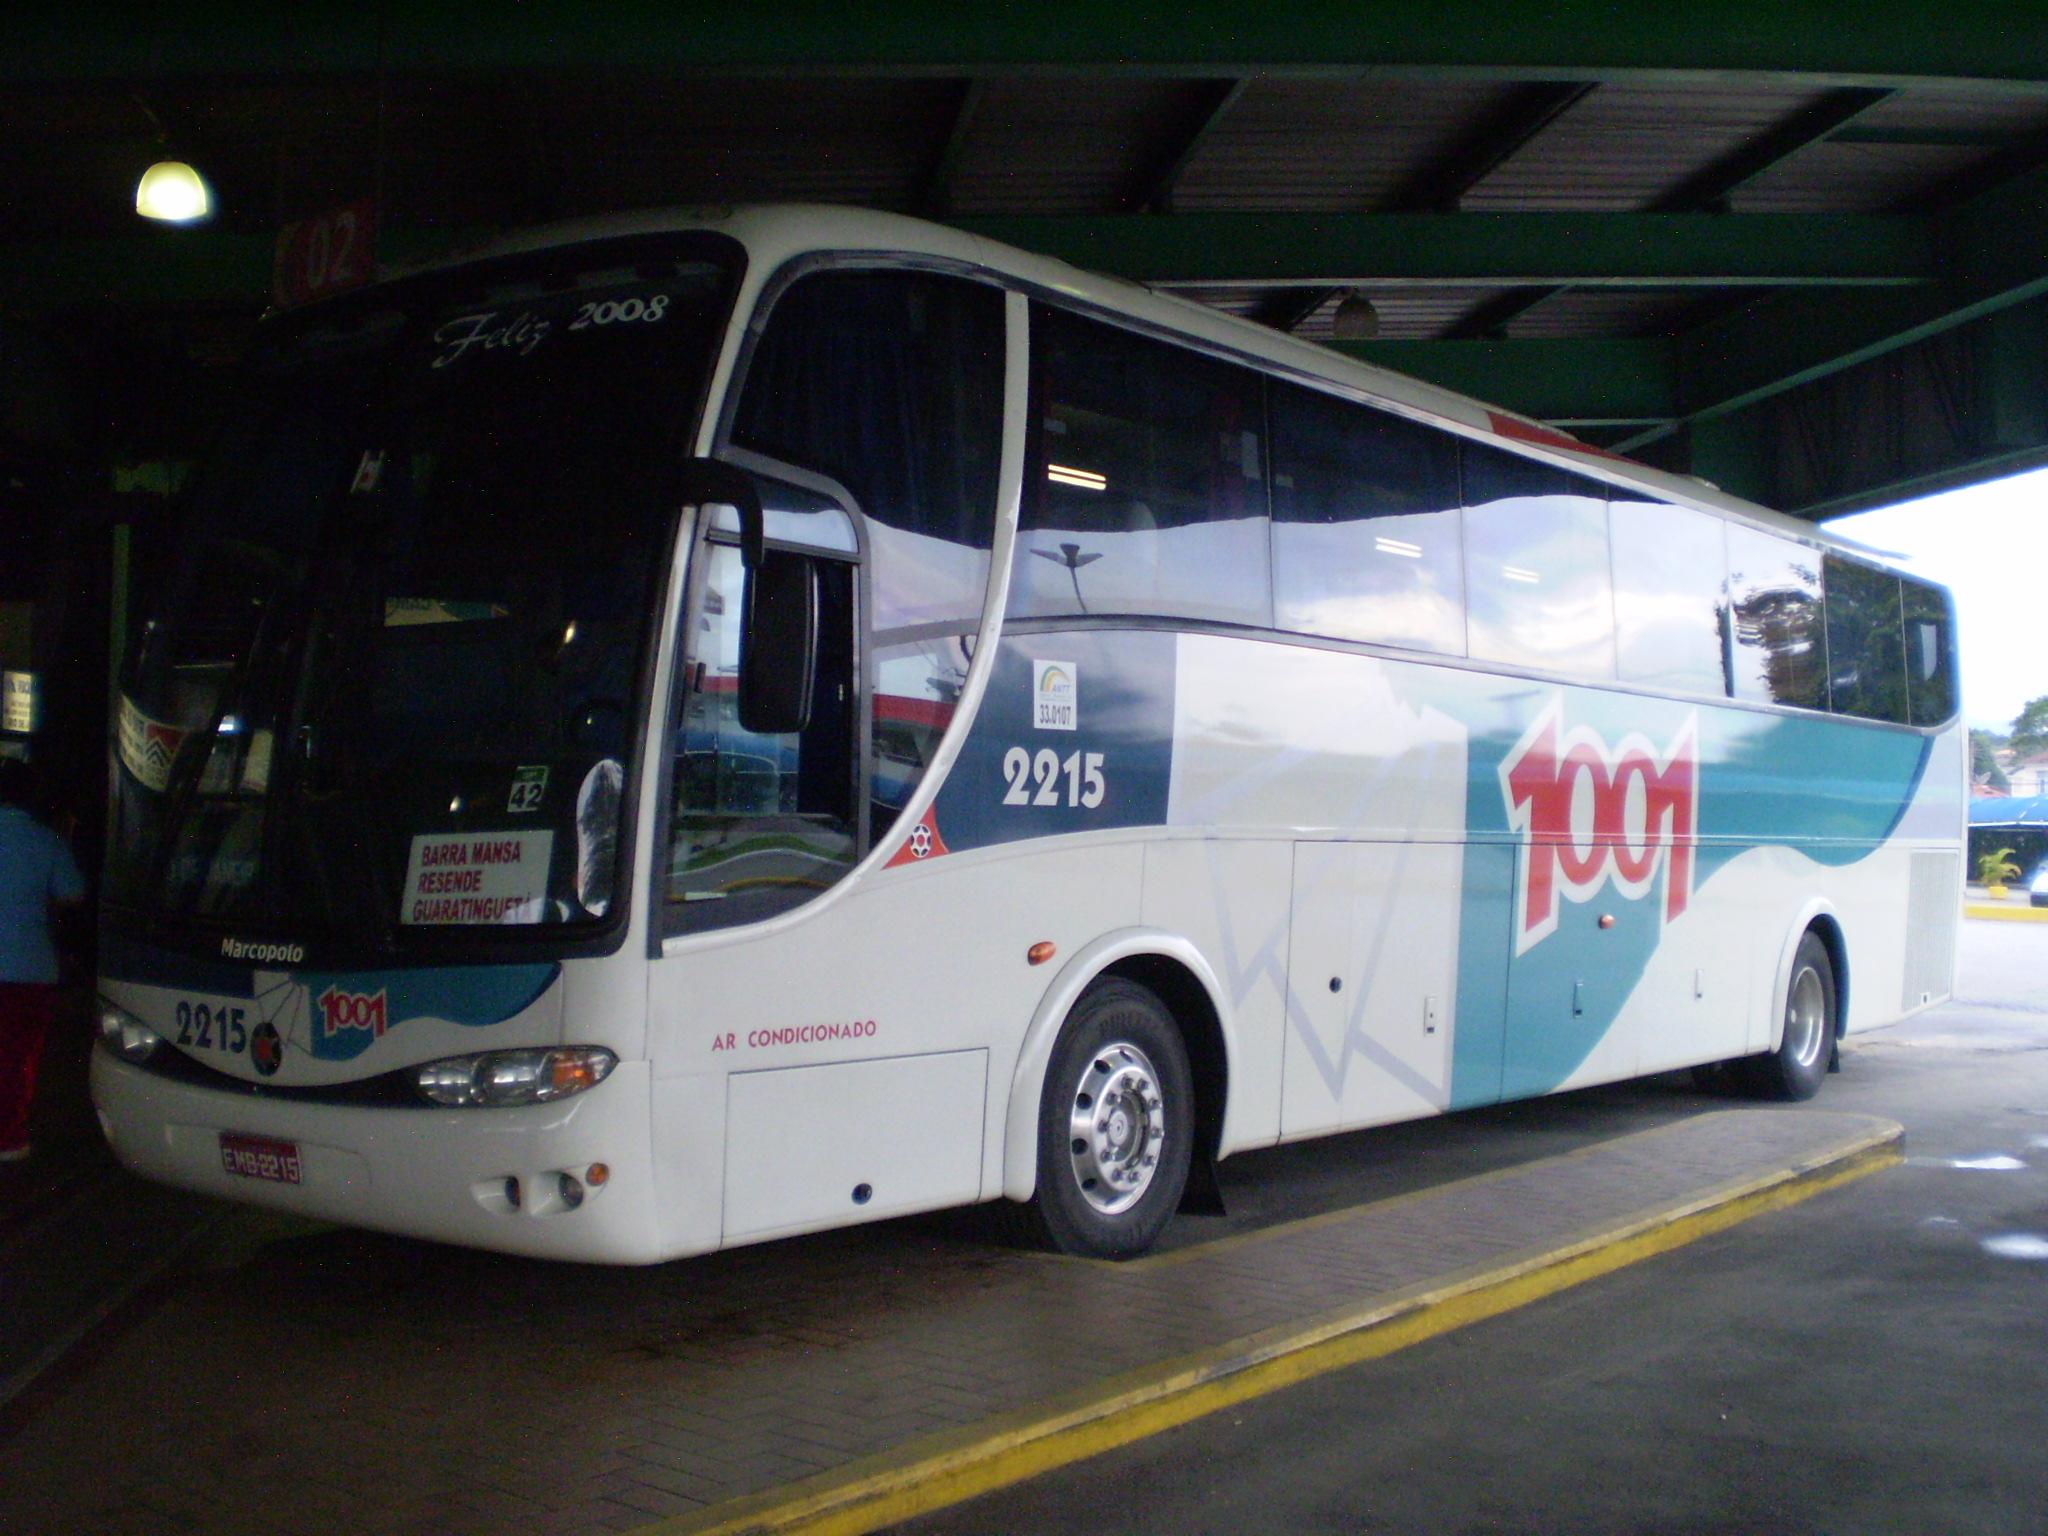 File:Bus 1001.jpg